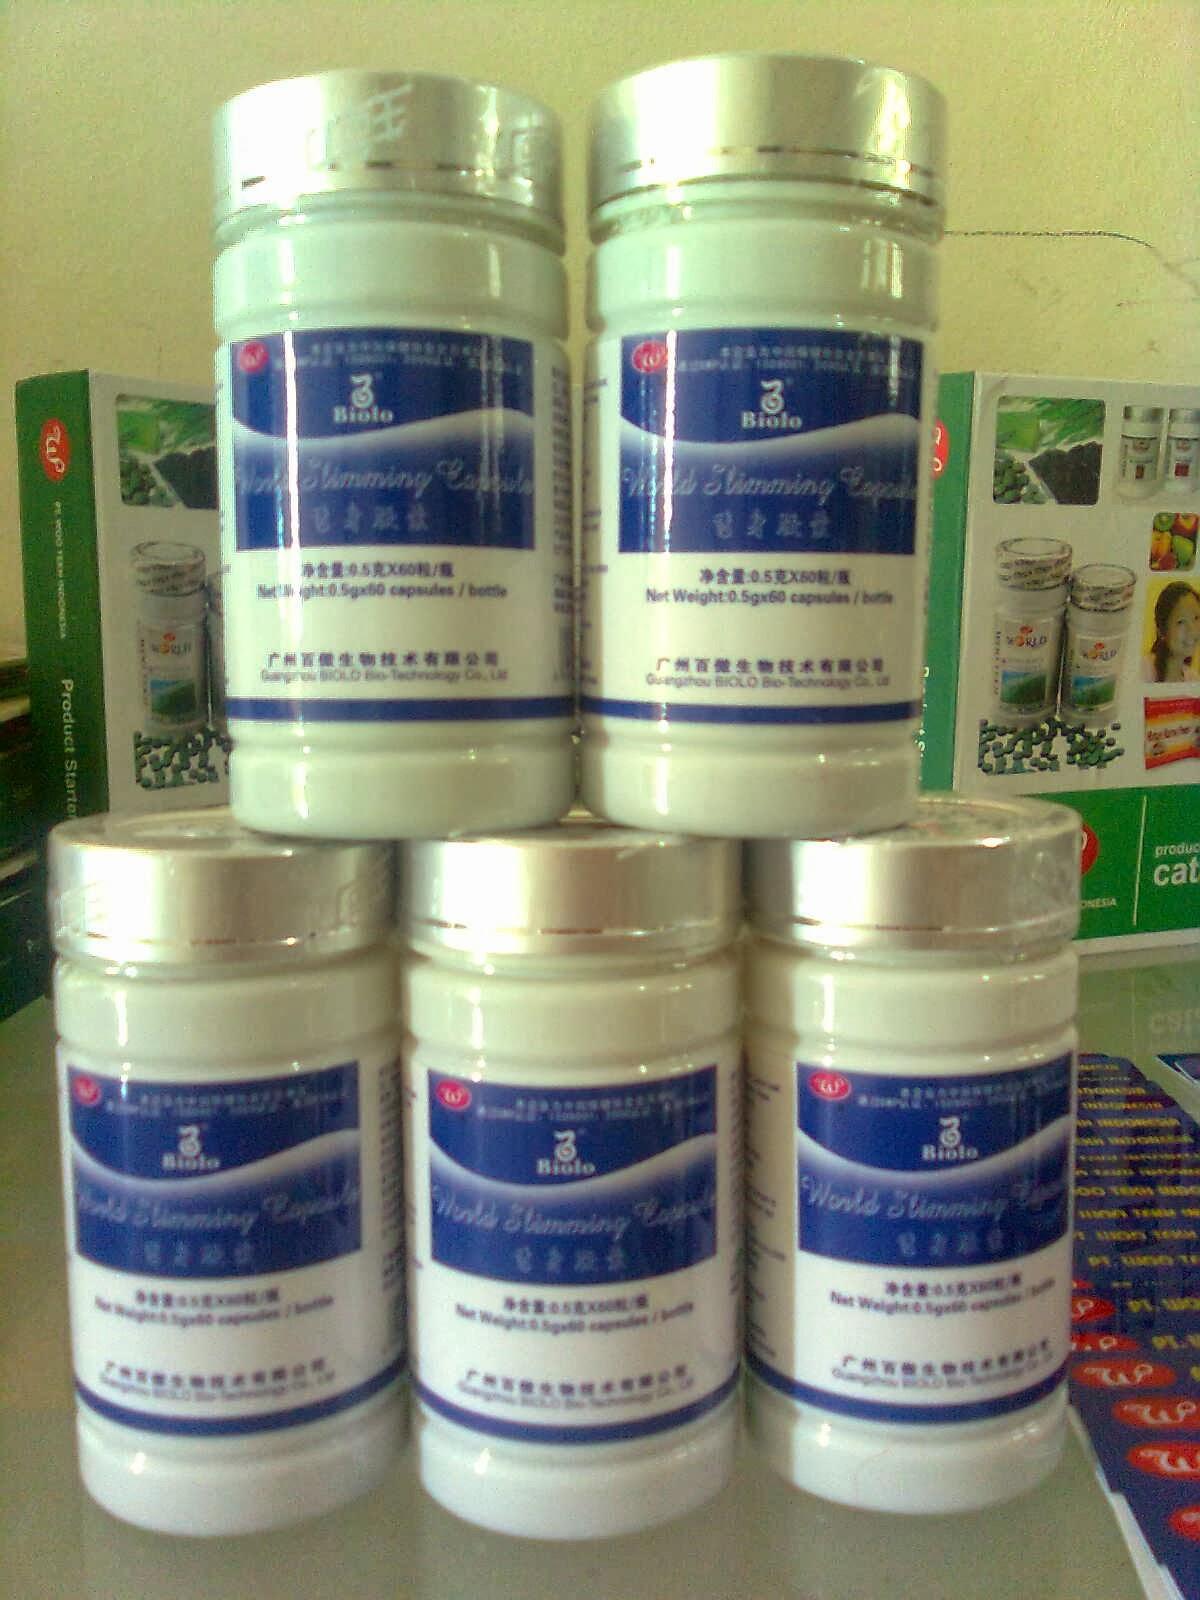 WSC Obat Pelangsing Herbal Cepat dan Ampuh